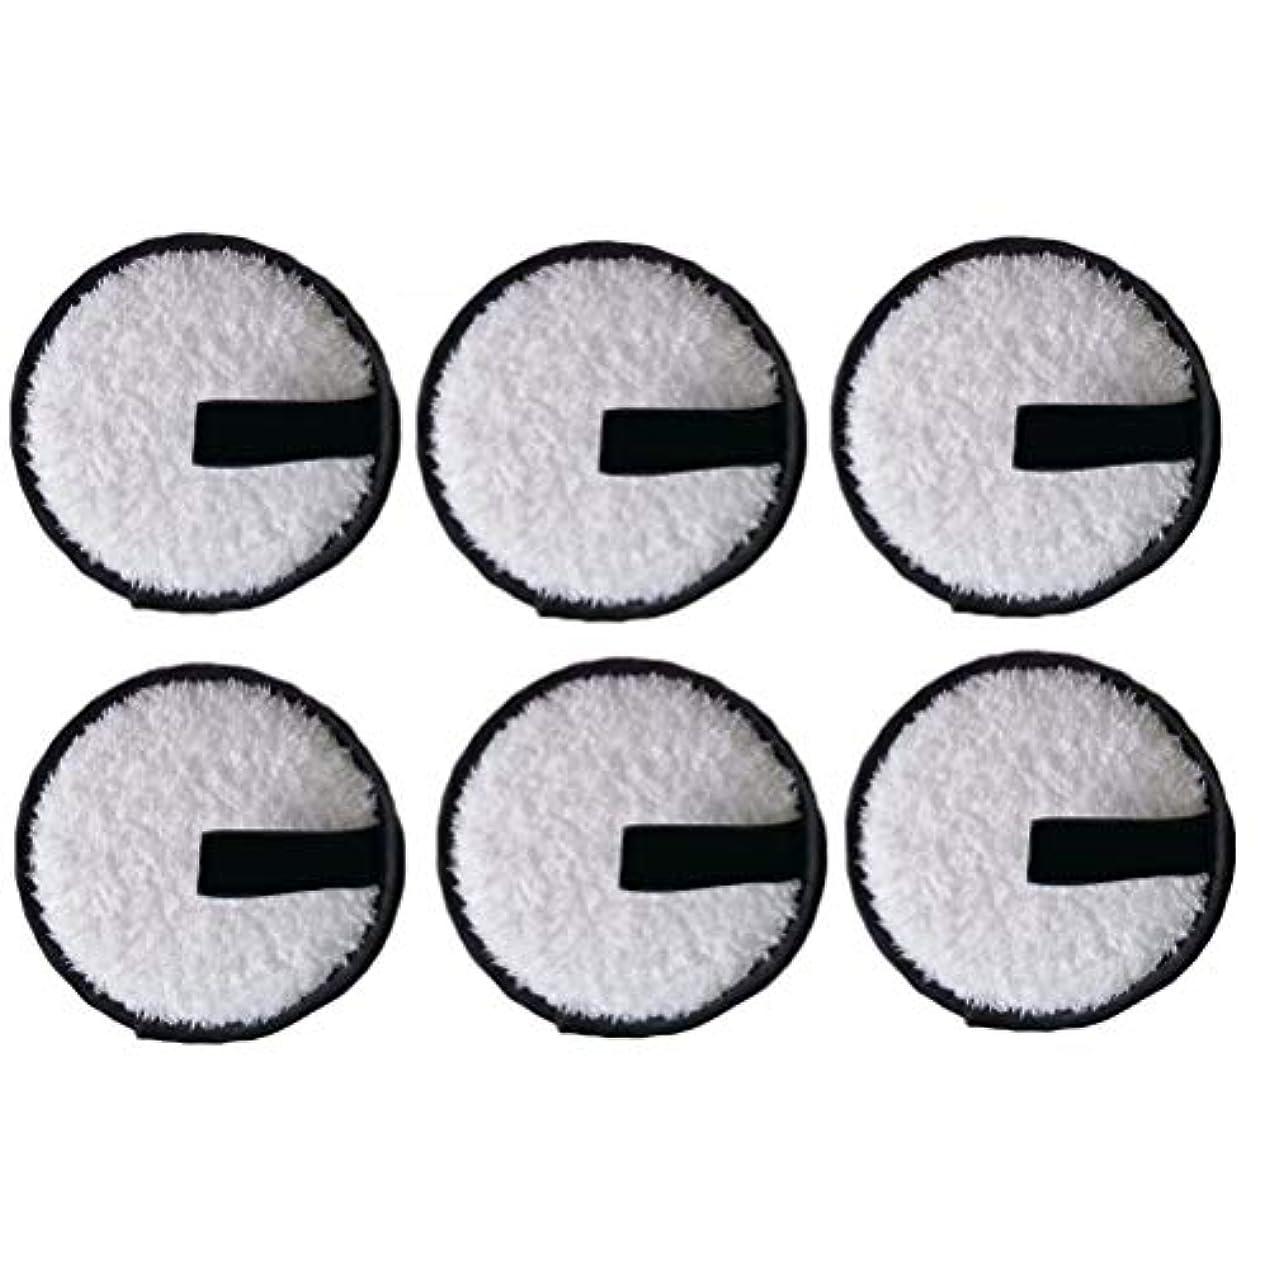 苦い乏しいコンデンサーFrcolor メイクアップパフ クレンジングパフ メイク落とし圧縮パッド 6本(黒)